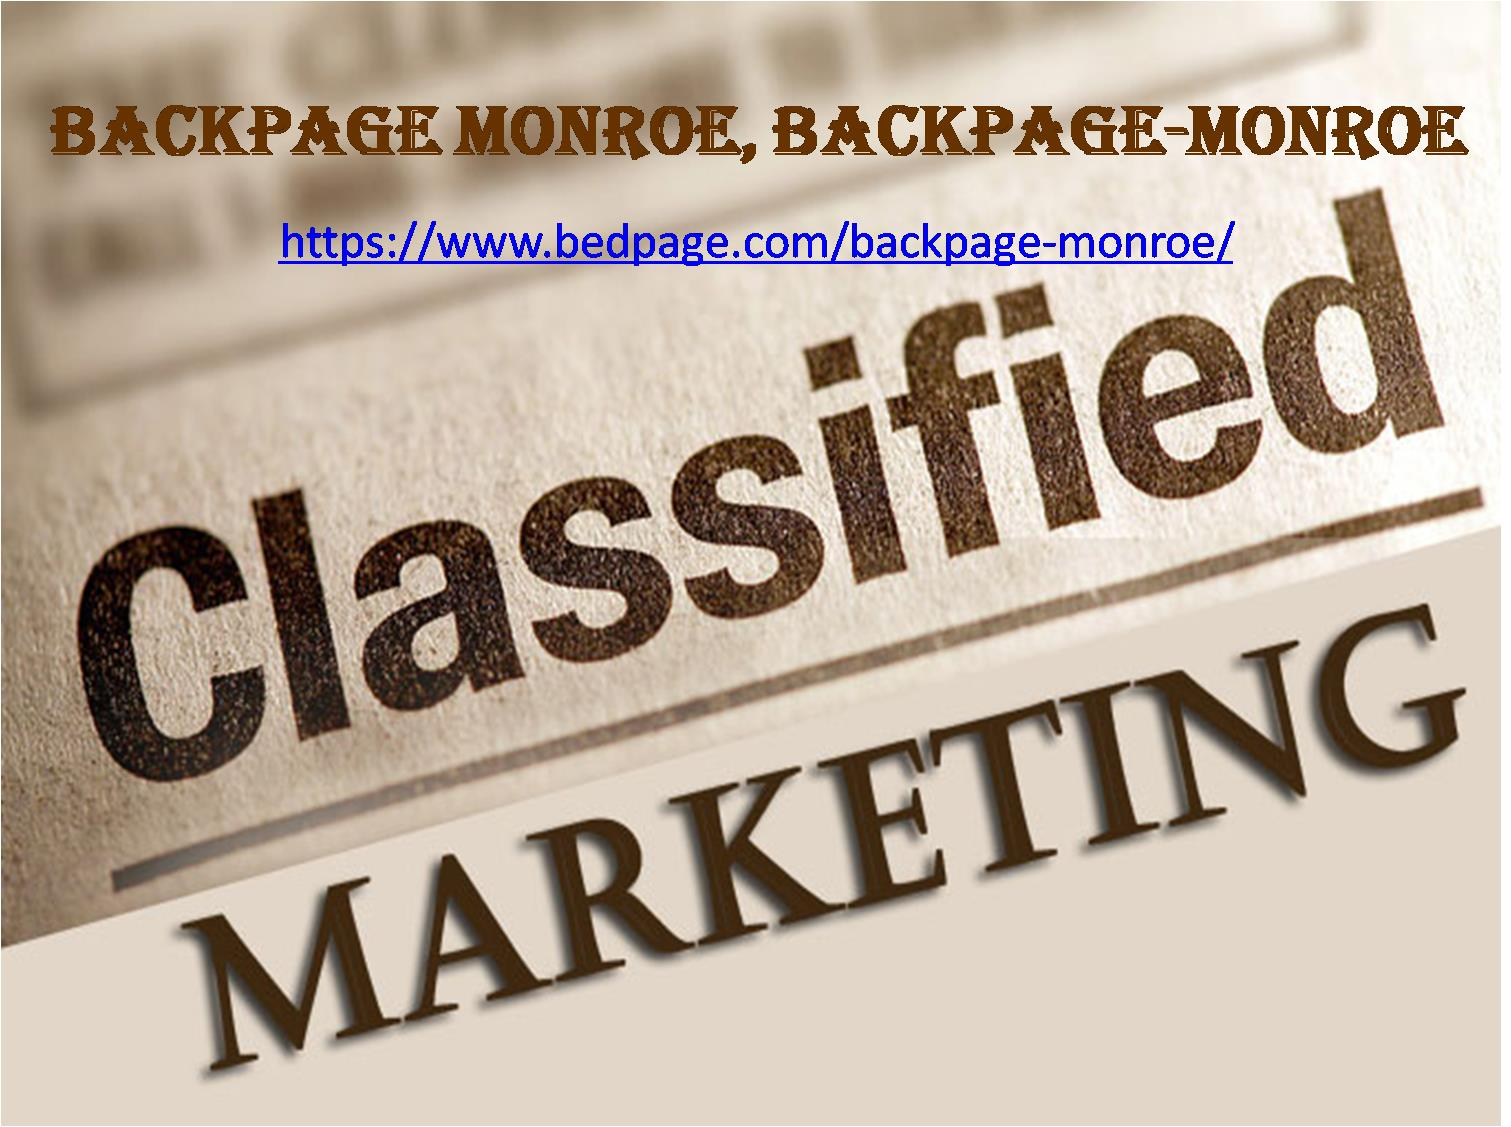 backpage Monroe | backpage-monroe